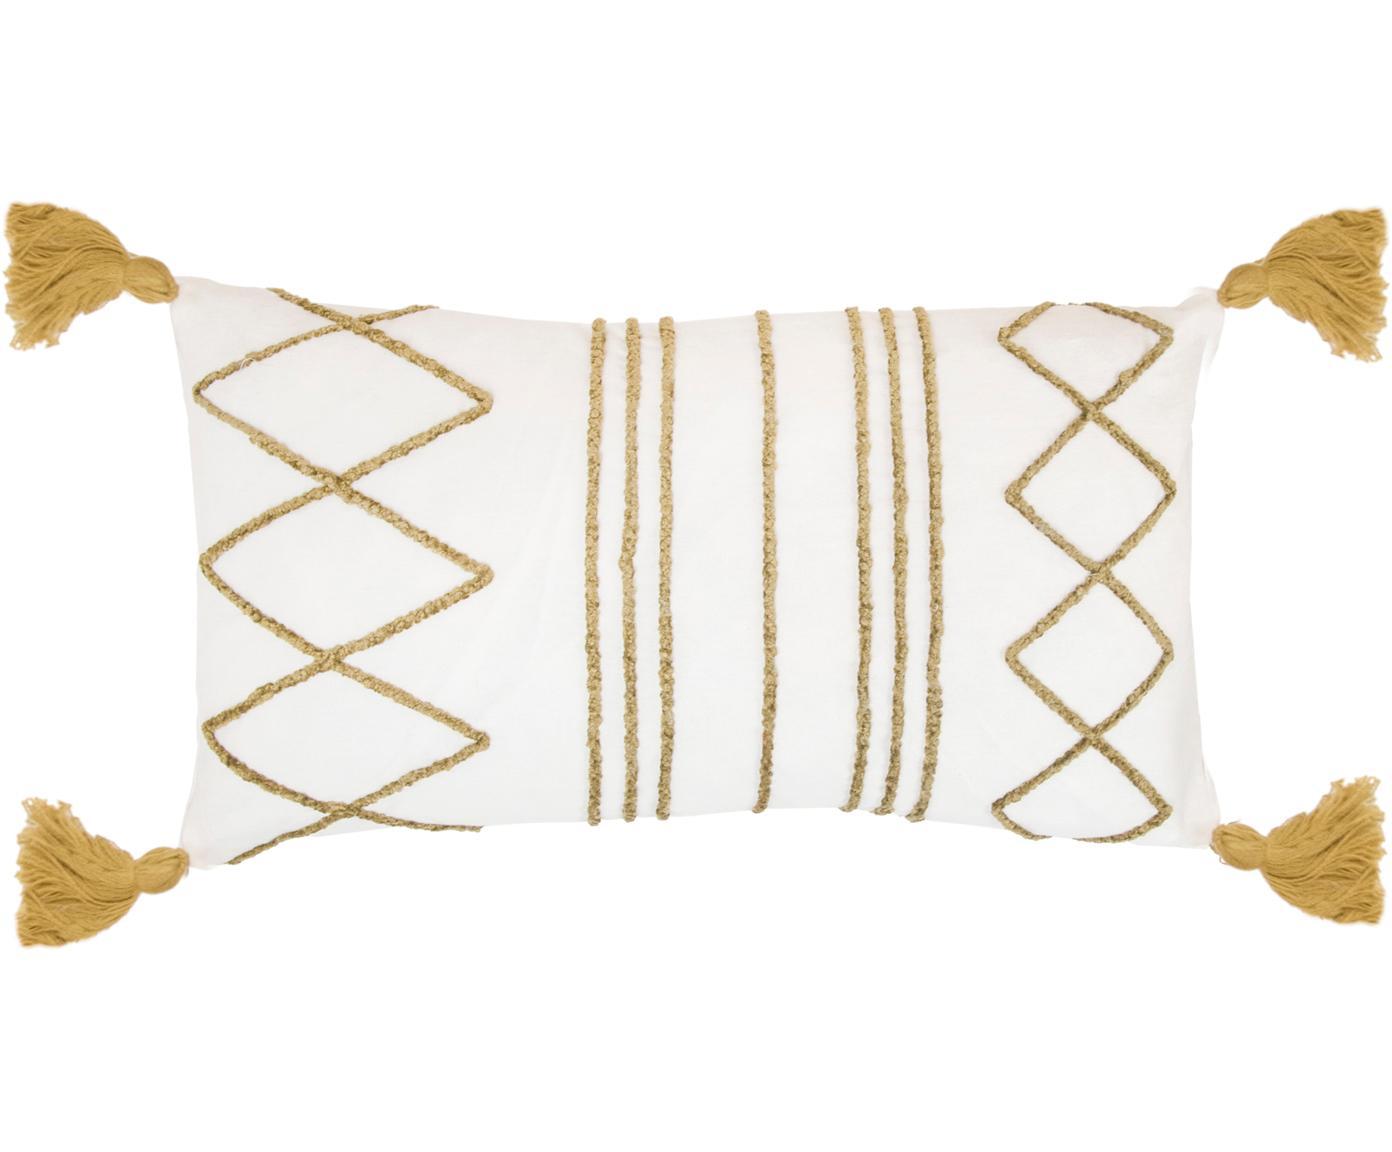 Poszewka na poduszkę z chwostami Istanbul, 100% bawełna, Biały, żółty, S 30 x D 50 cm